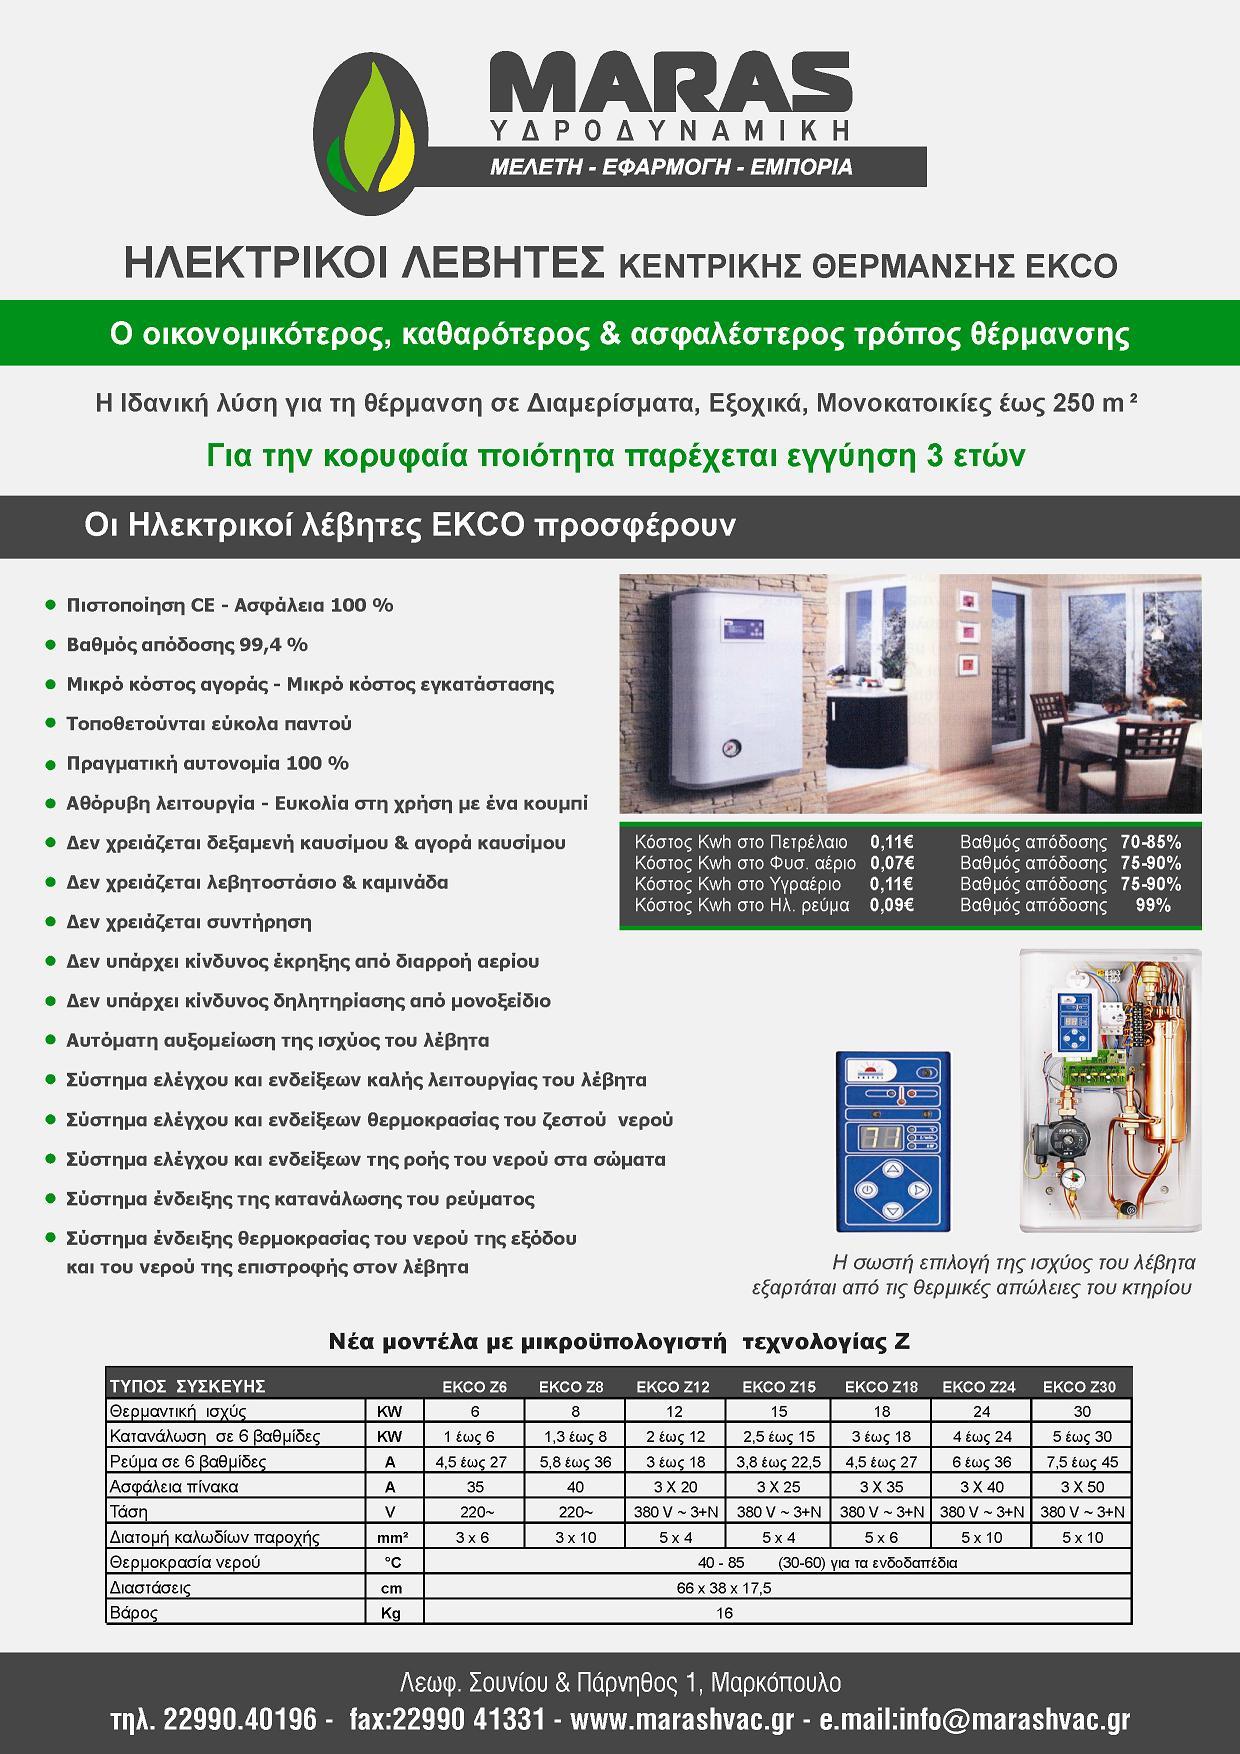 Ηλεκτρικοί Λέβητες Κεντρικής Θέρμανσης EKCO, Μαρκόπουλο,Πόρτο Ράφτη, Κορωπί, Καλύβια, Λαύριο